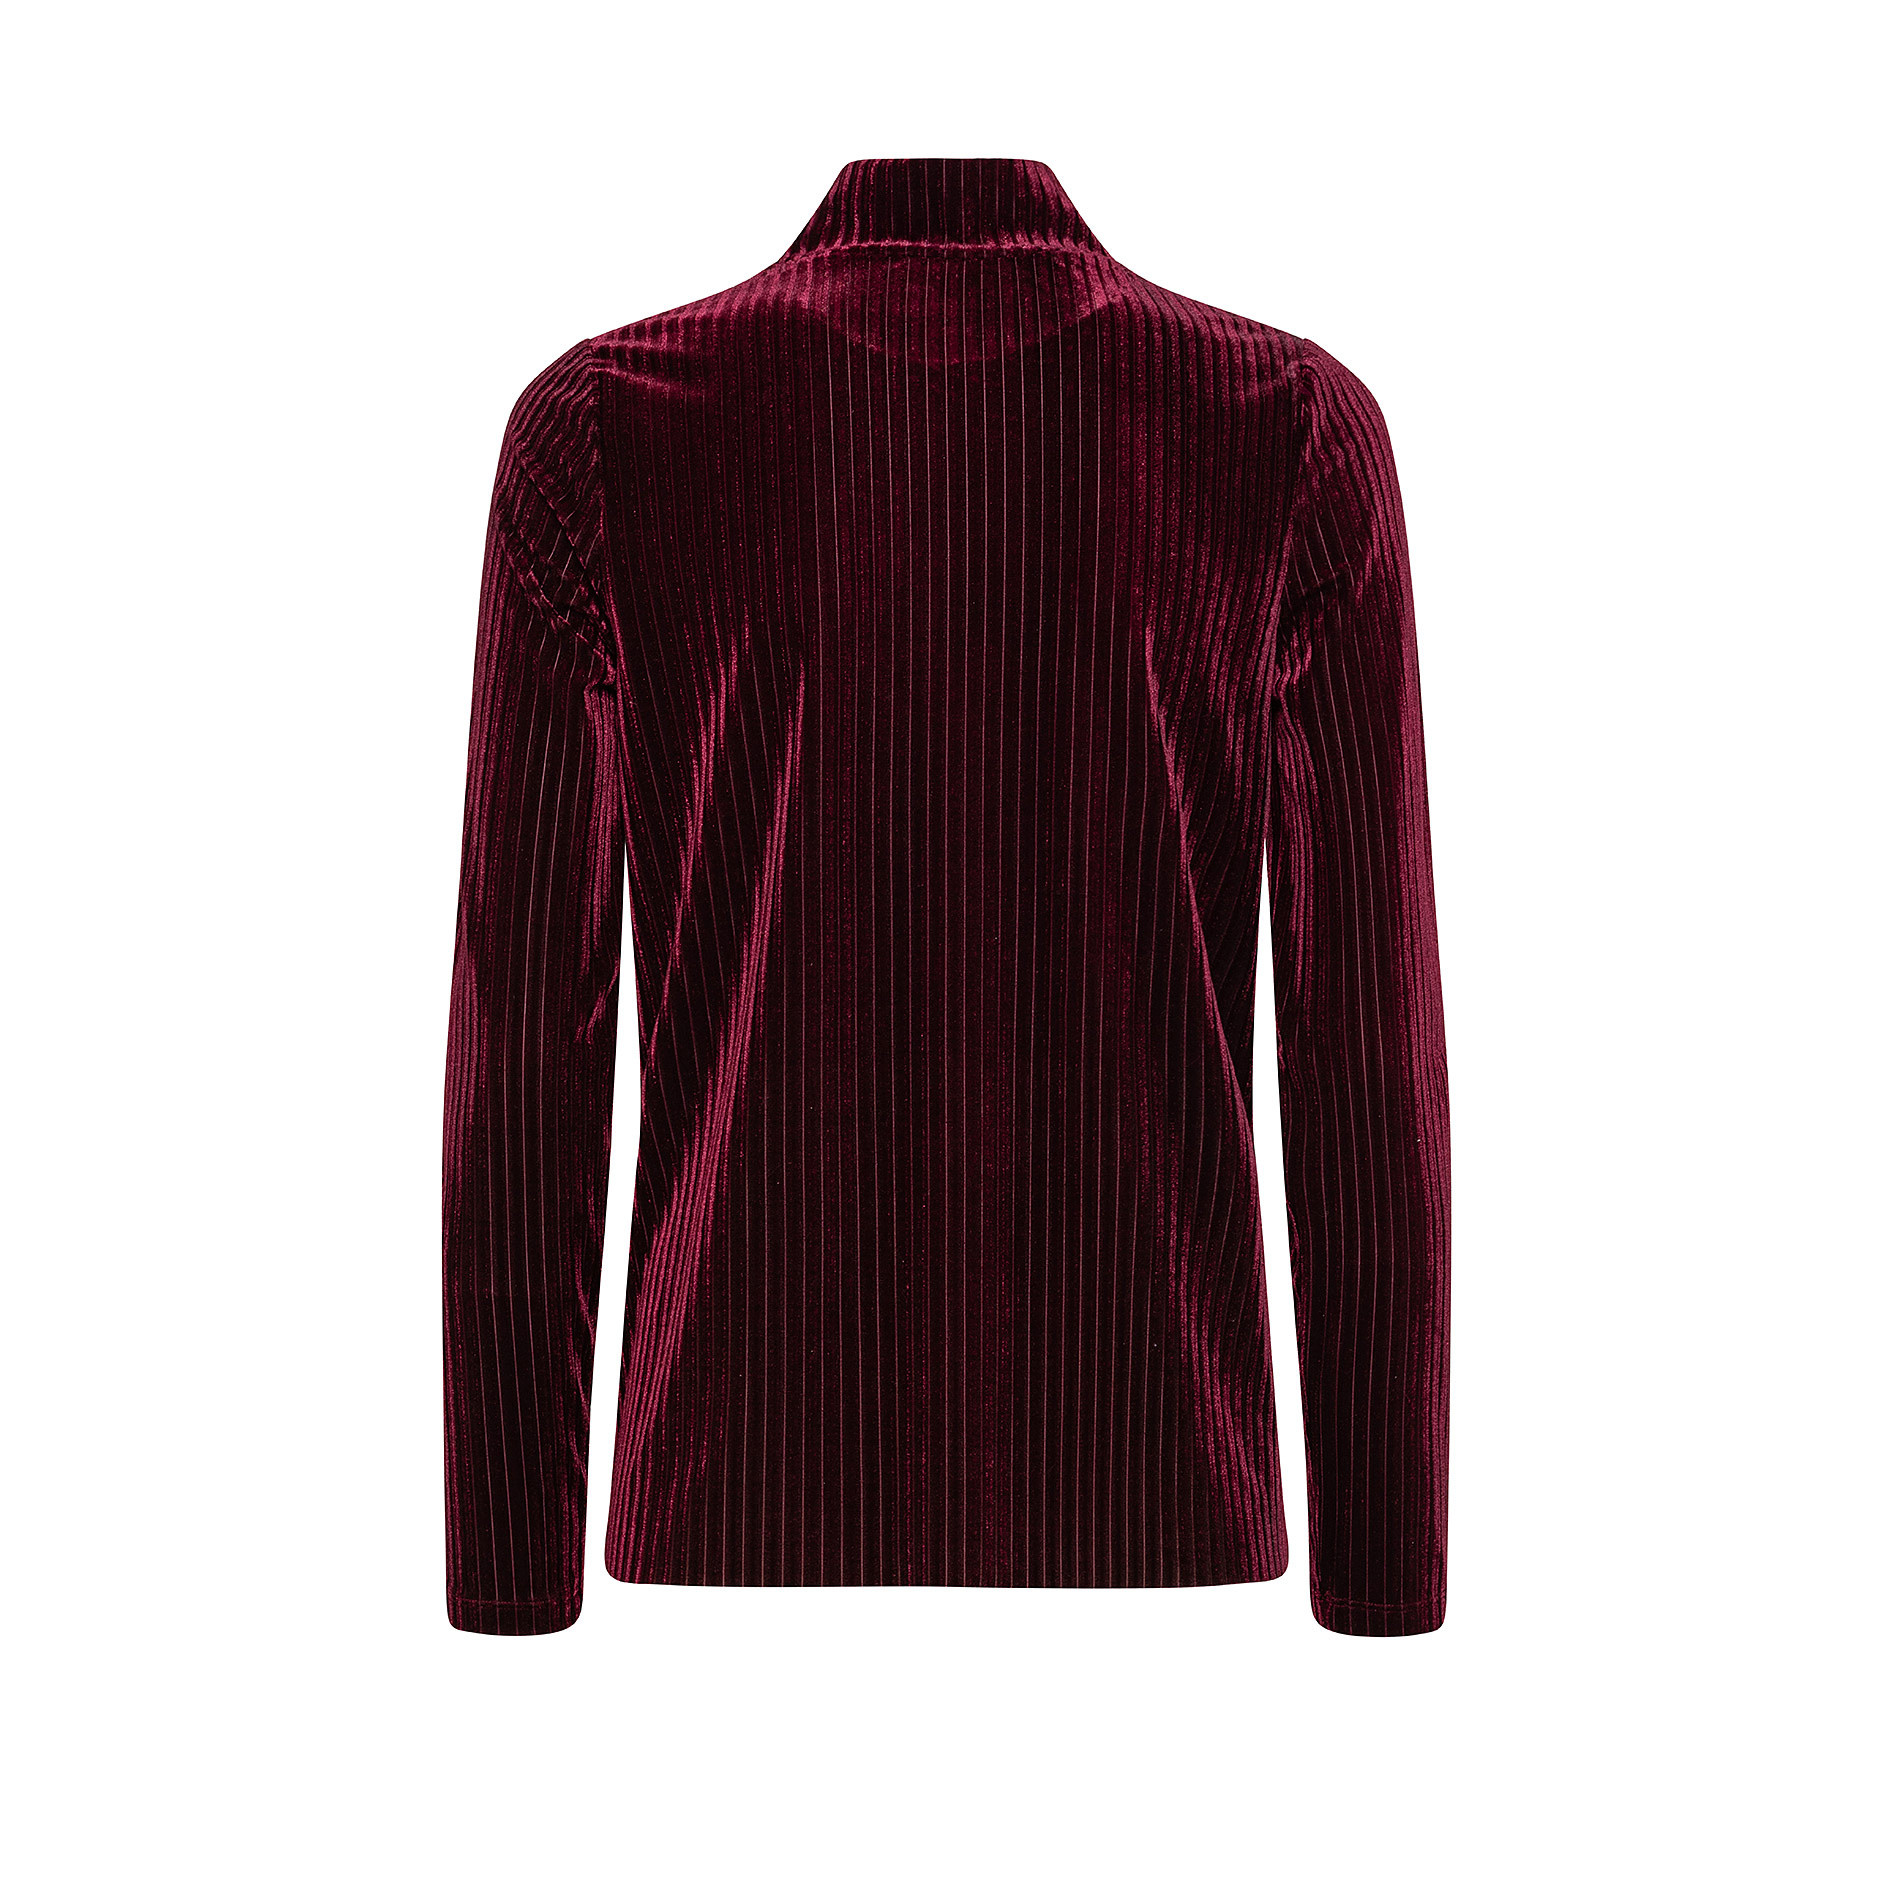 T-shirt collo alto in ciniglia, Rosso scuro, large image number 1